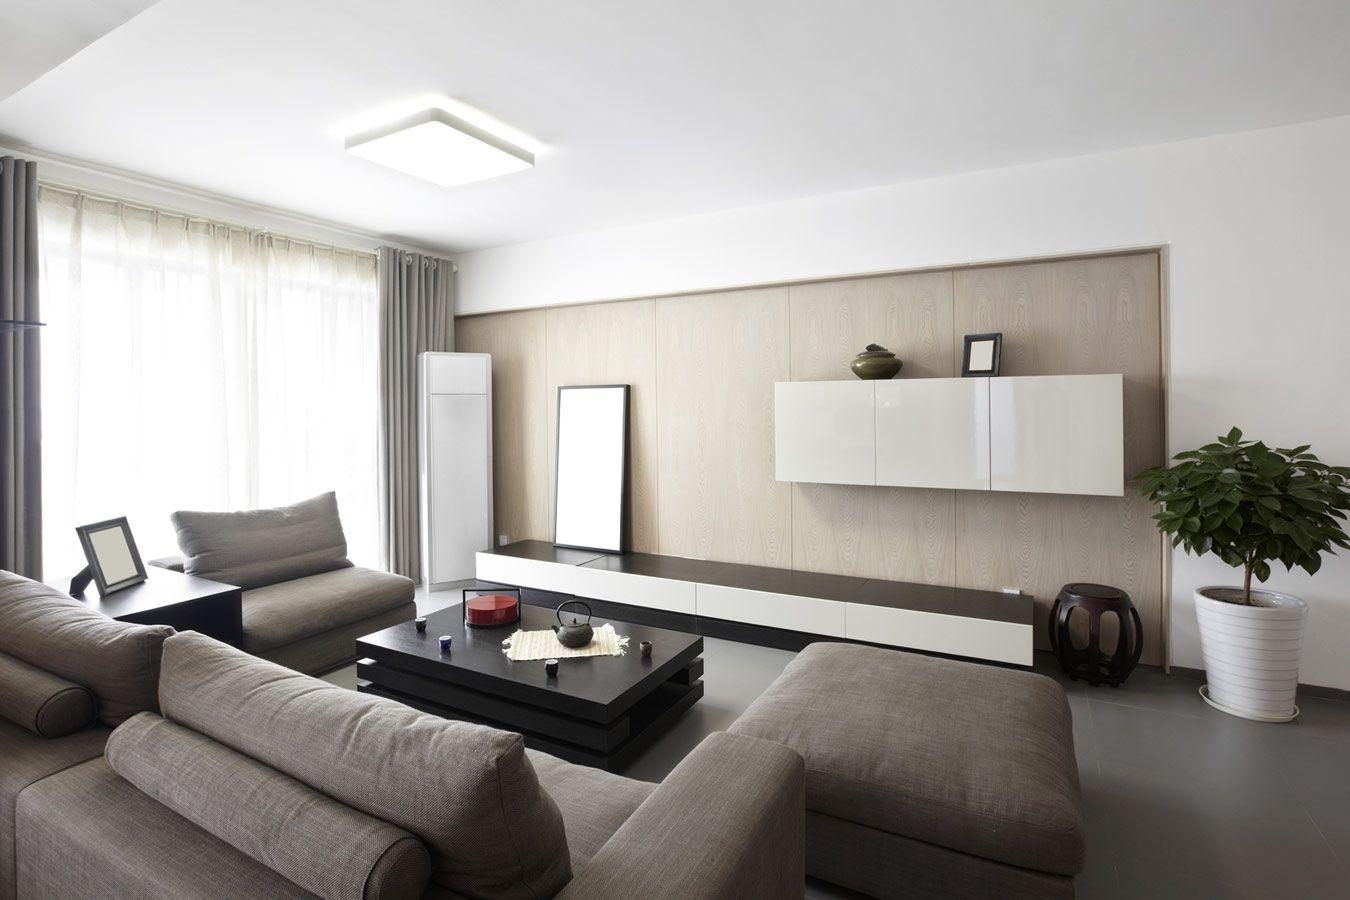 modern interieur woonkamer - Google zoeken | Interieur - Woonkamer ...